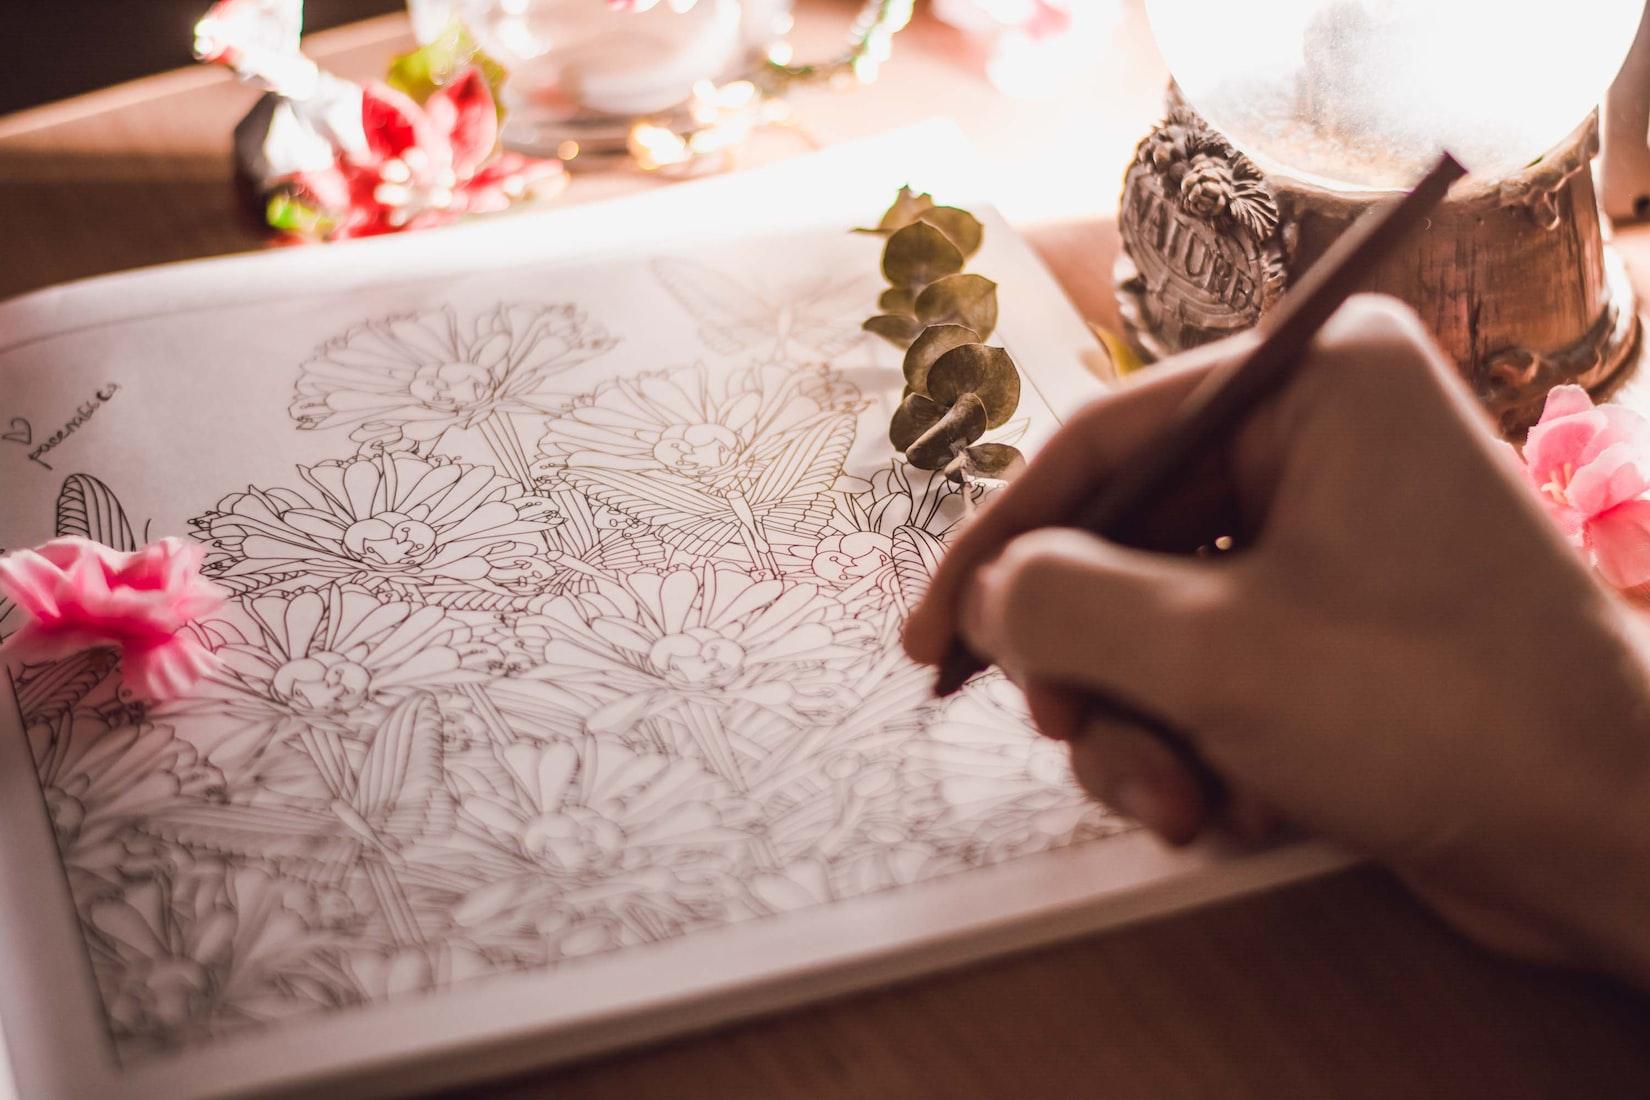 detalle de una mano coloreando un libro para colorear para adultos para ilustrar uno de los 7 regalos muy originales anti-estrés